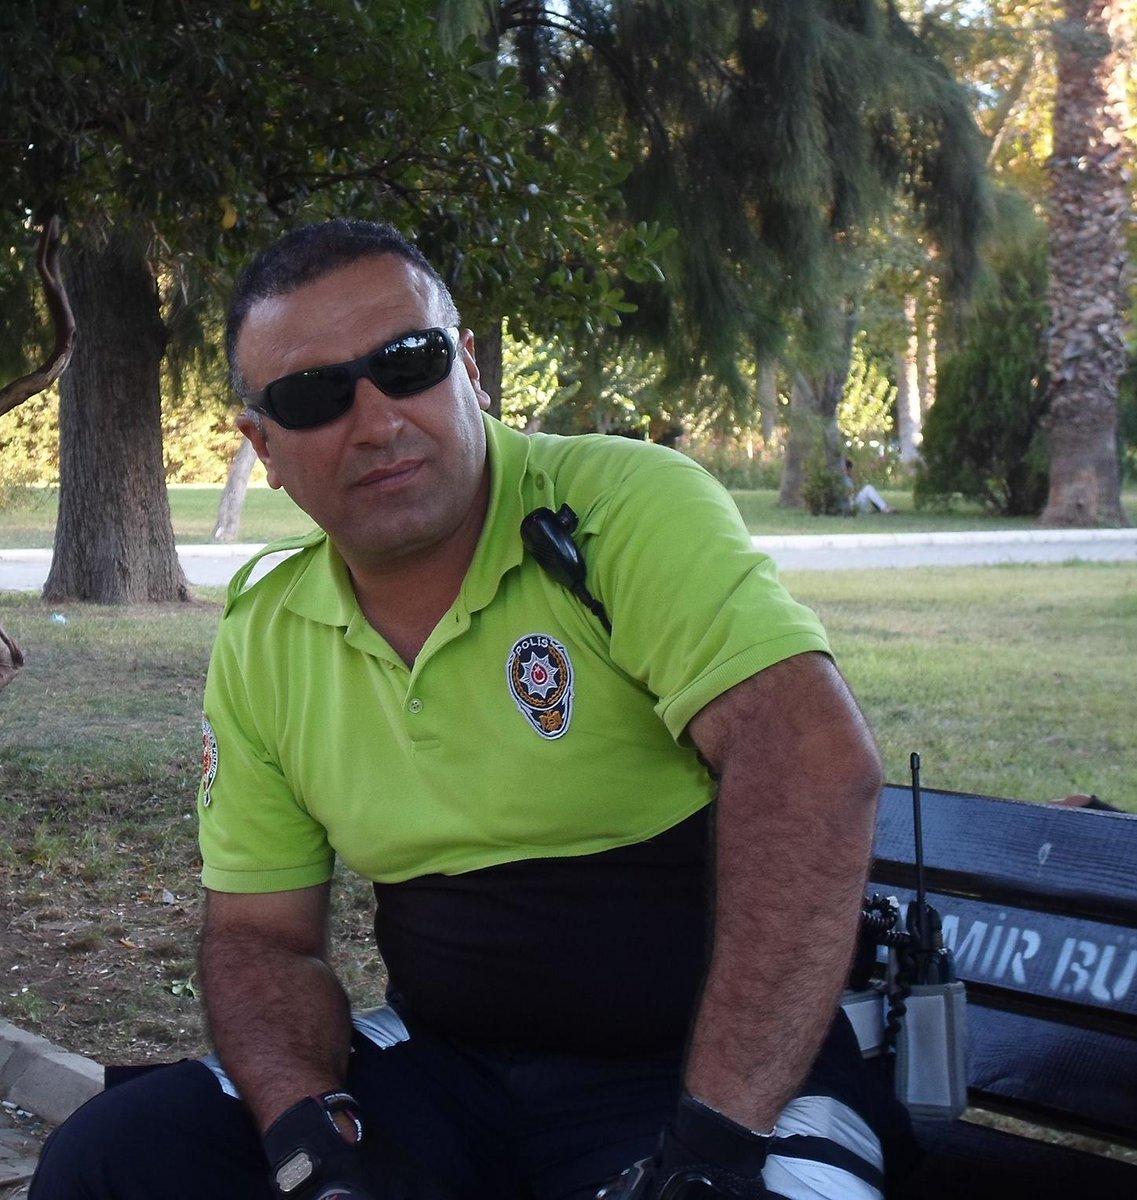 Kahraman polisimizin adını yaşatacağız #FethiSekin https://t.co/pHeaaAVCVu